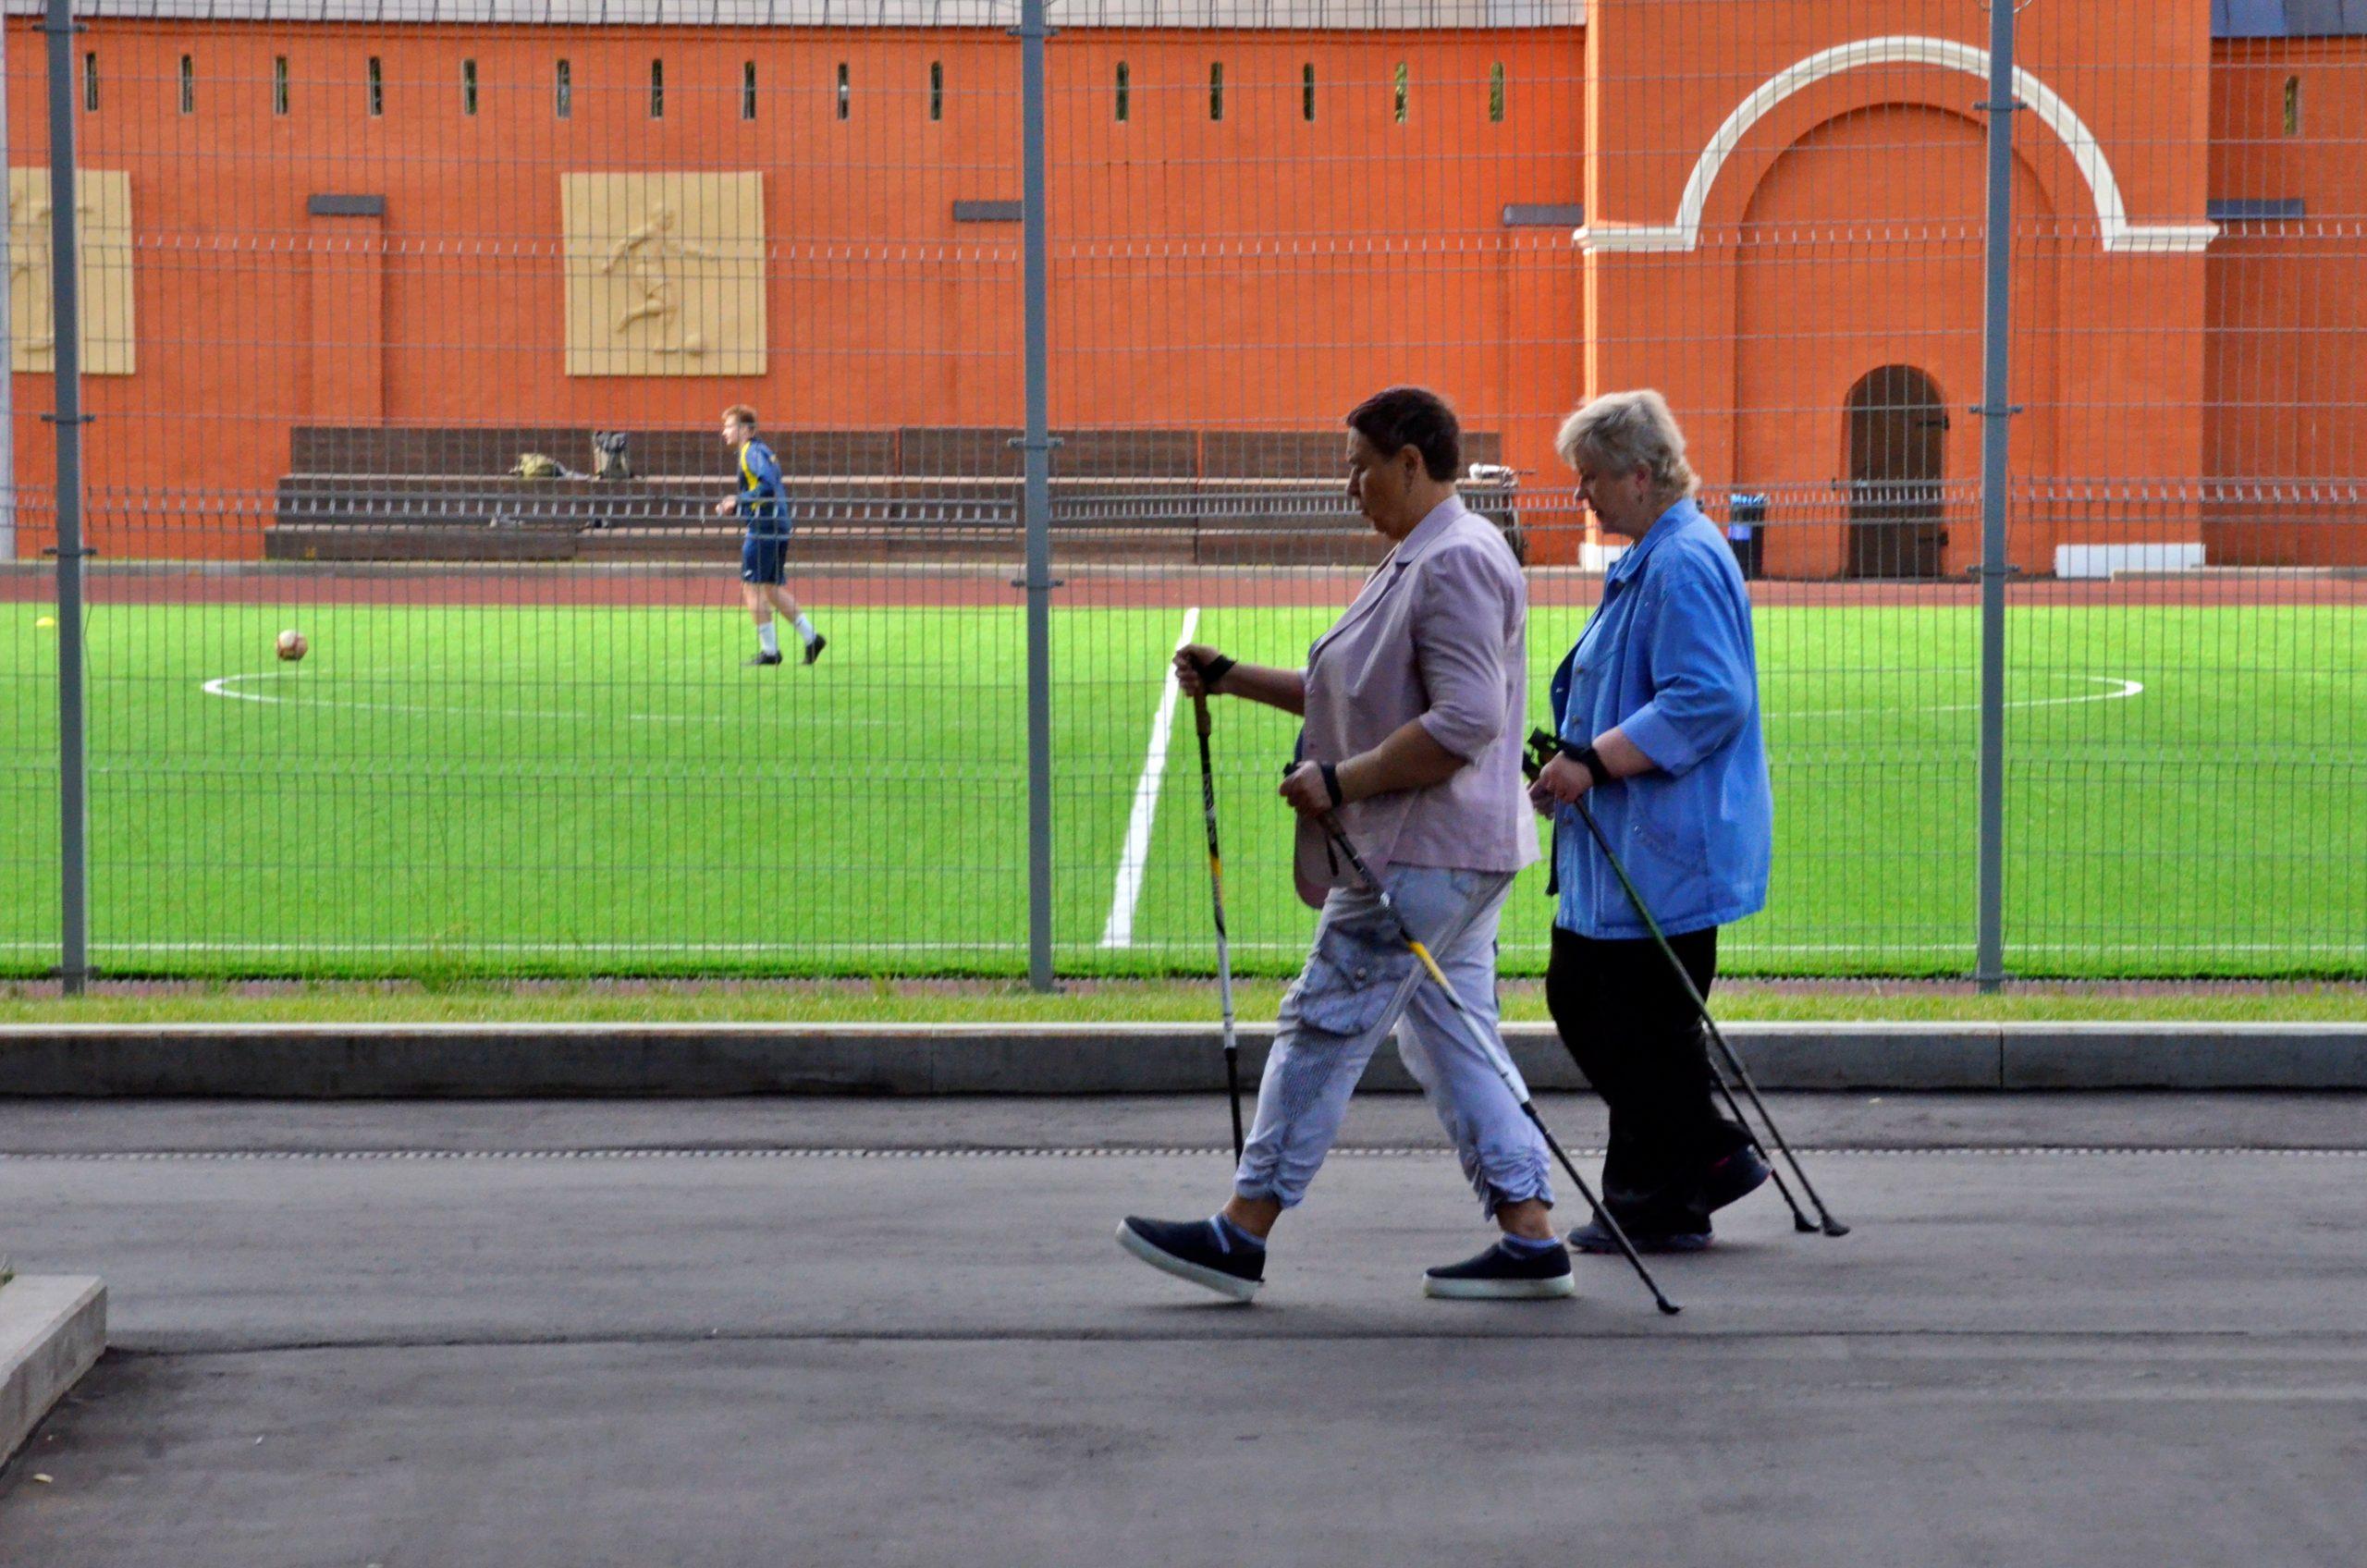 Москвичи снова могут заниматься скандинавской ходьбой в рамках проекта «Московское долголетие»